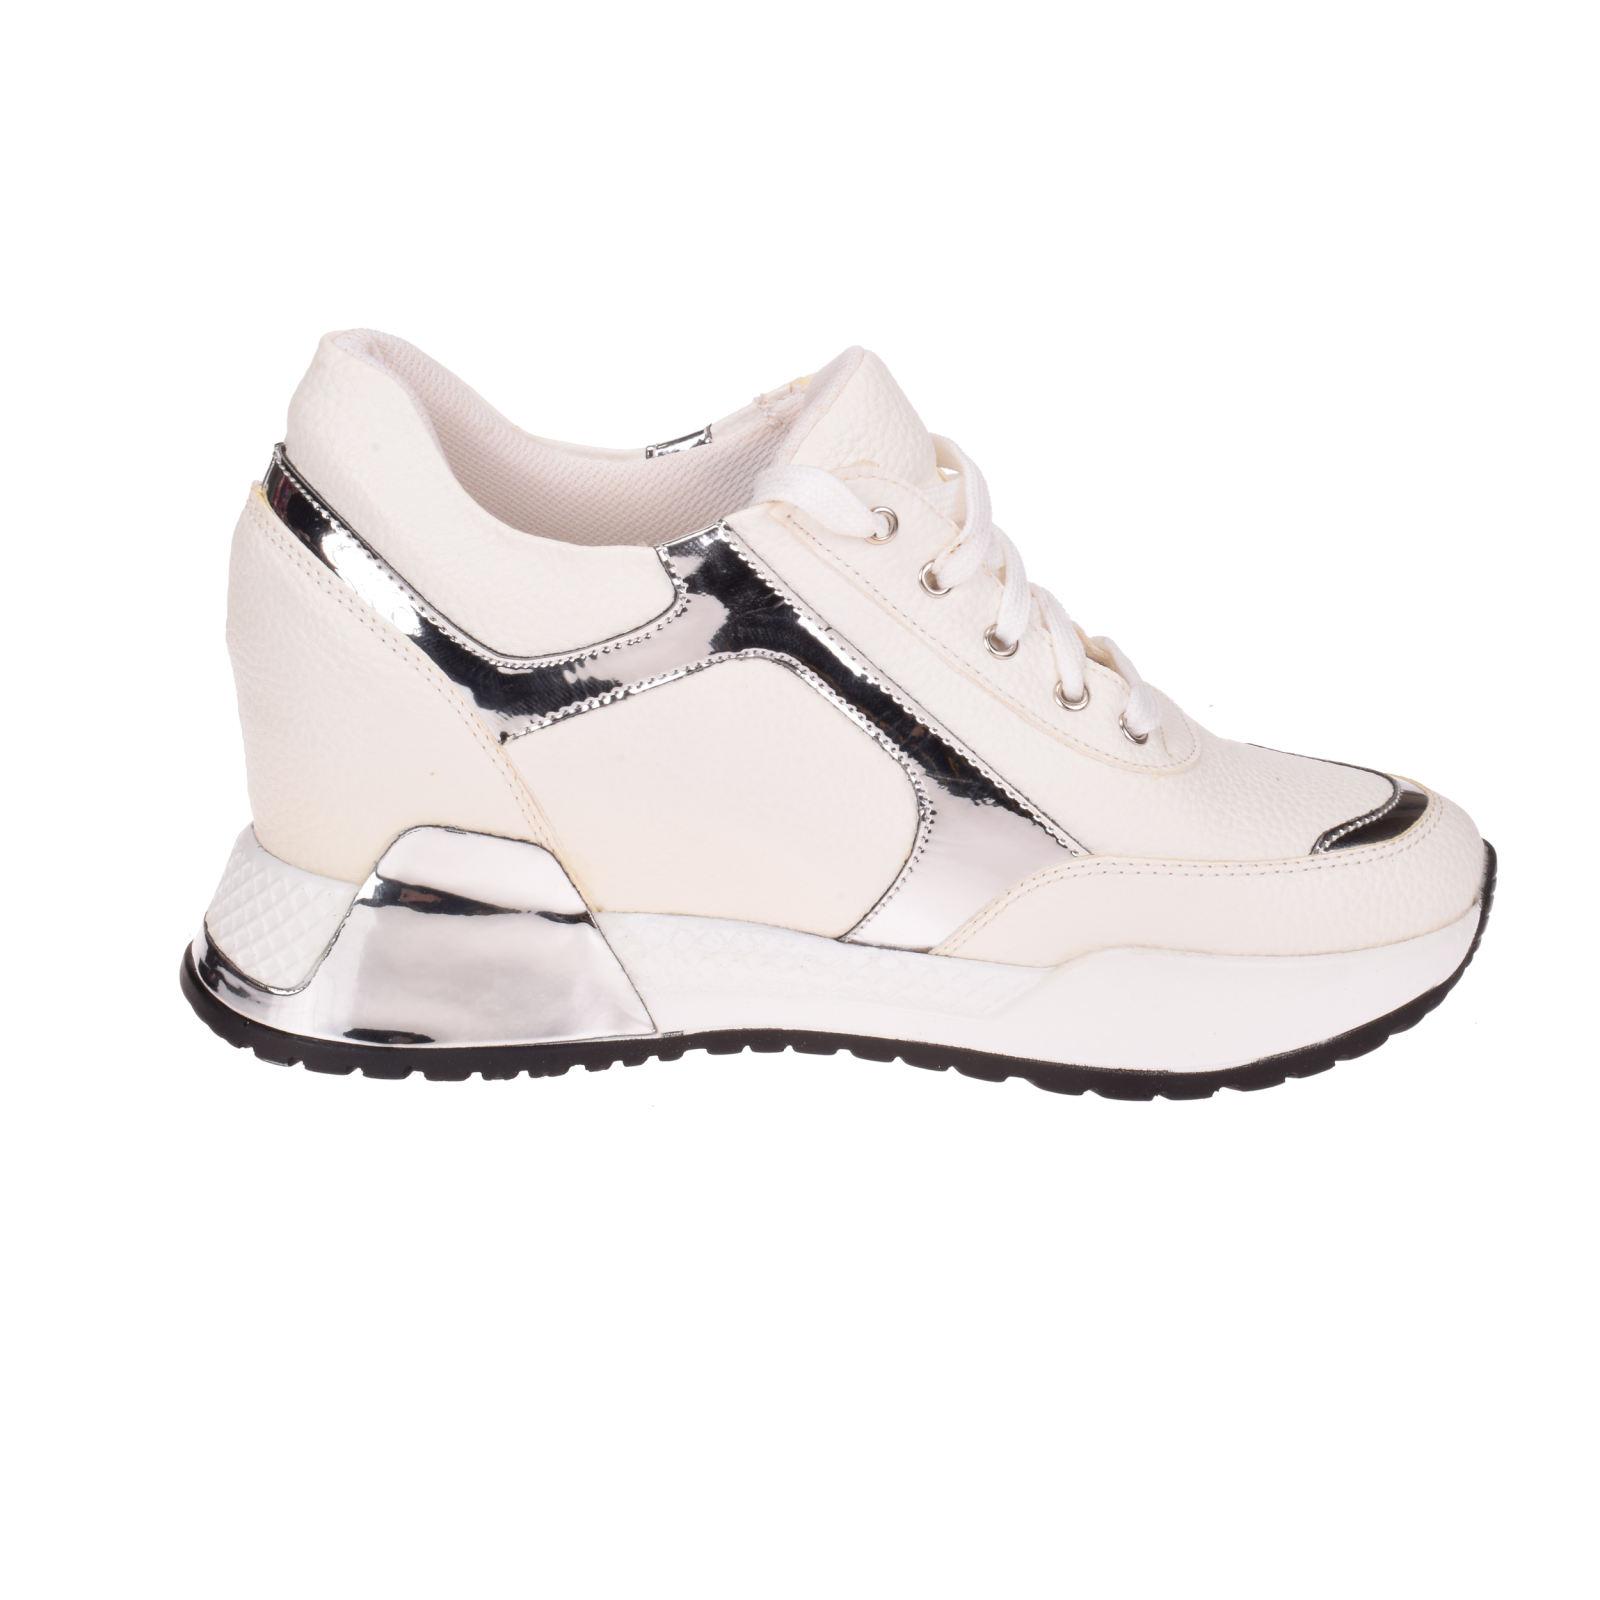 کفش روزمره زنانه مدل Floater-W -  - 1